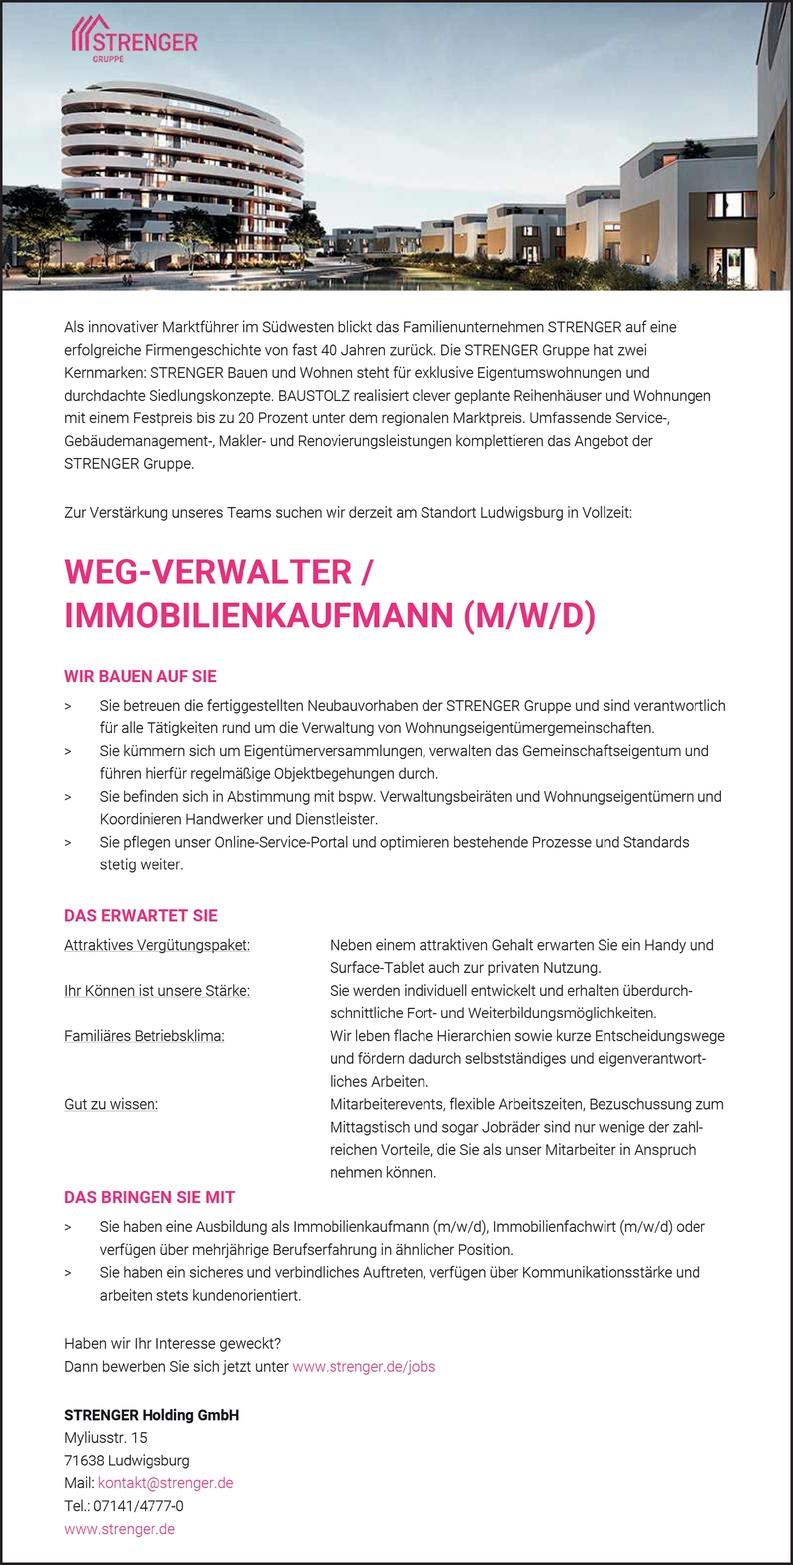 WEG-Verwalter m/w/d